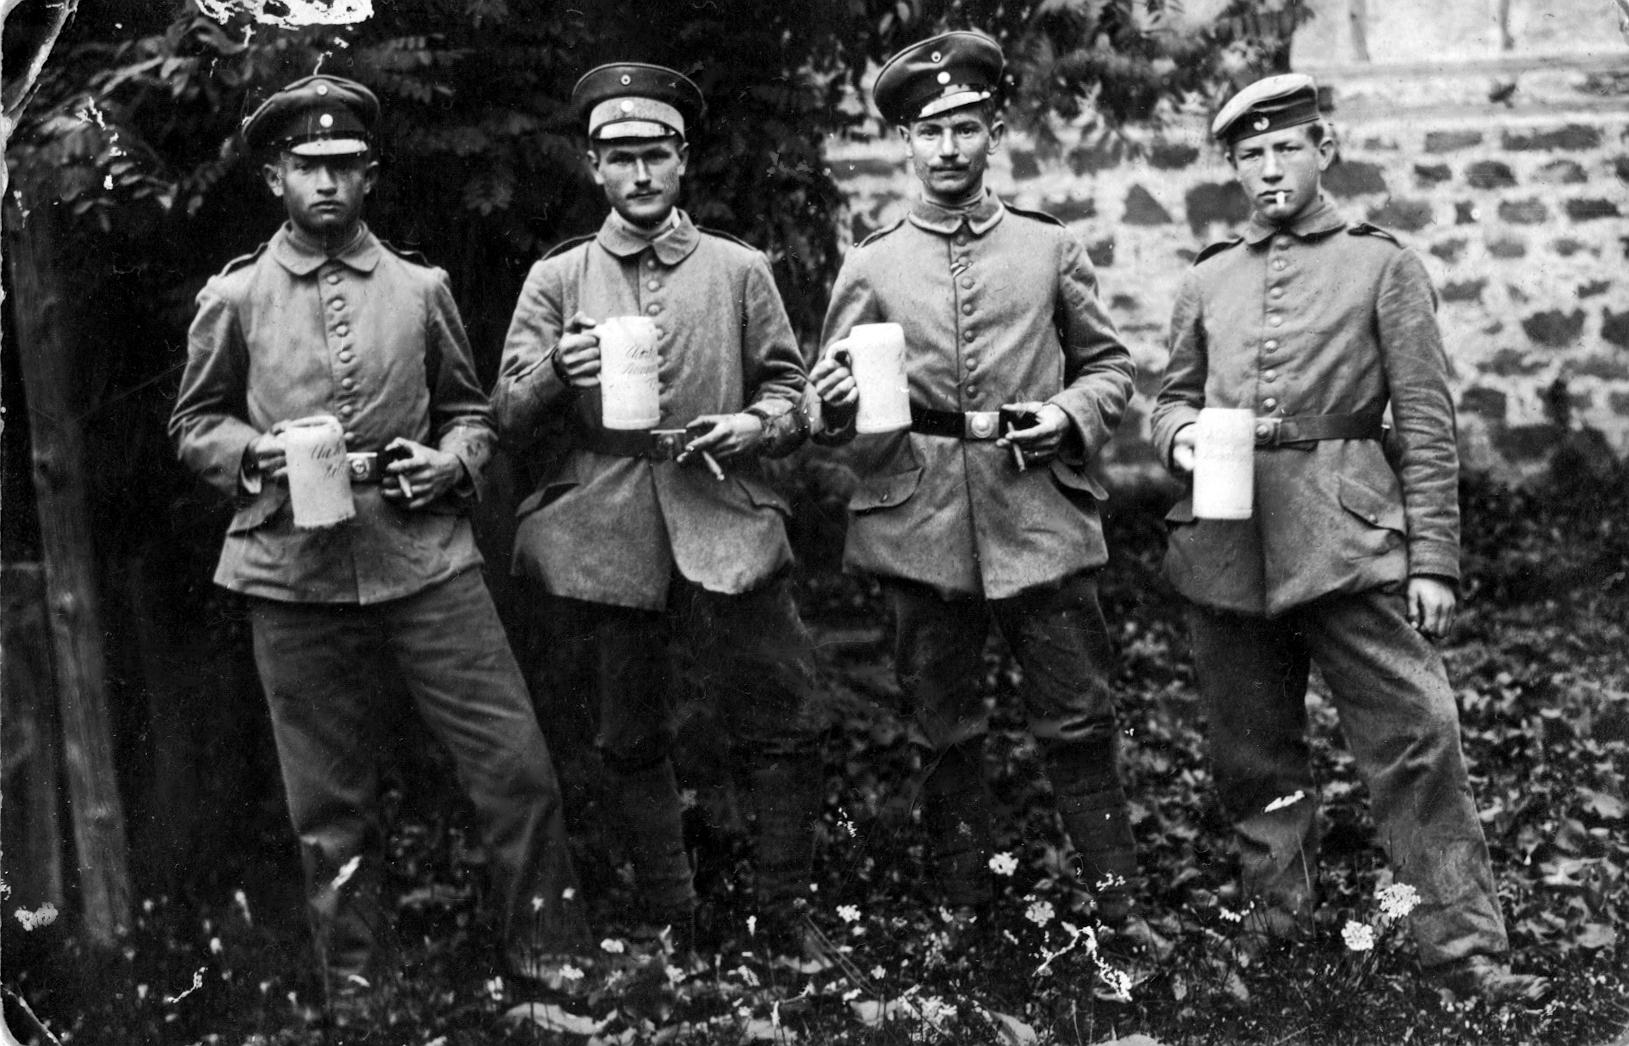 Soldaten mit Bierkrügen | Manfred U (Europeana)